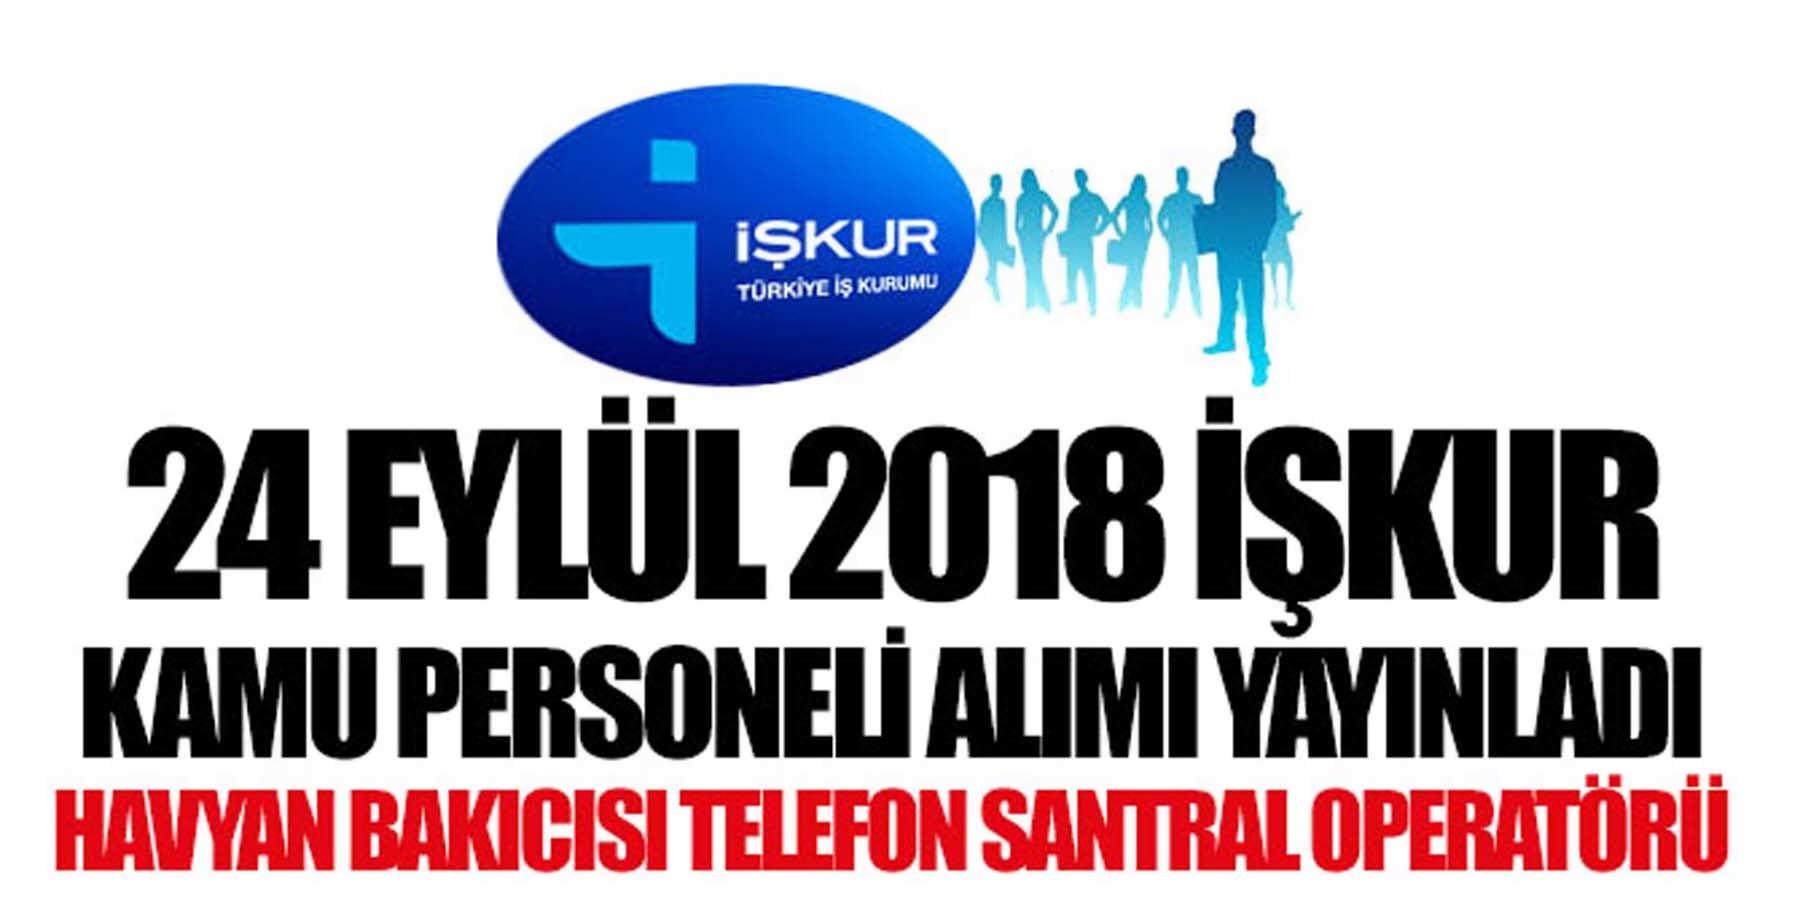 İŞKUR İki Belediye İçin Kamu Personeli Alımı 24 Eylül 2018 yayınladı